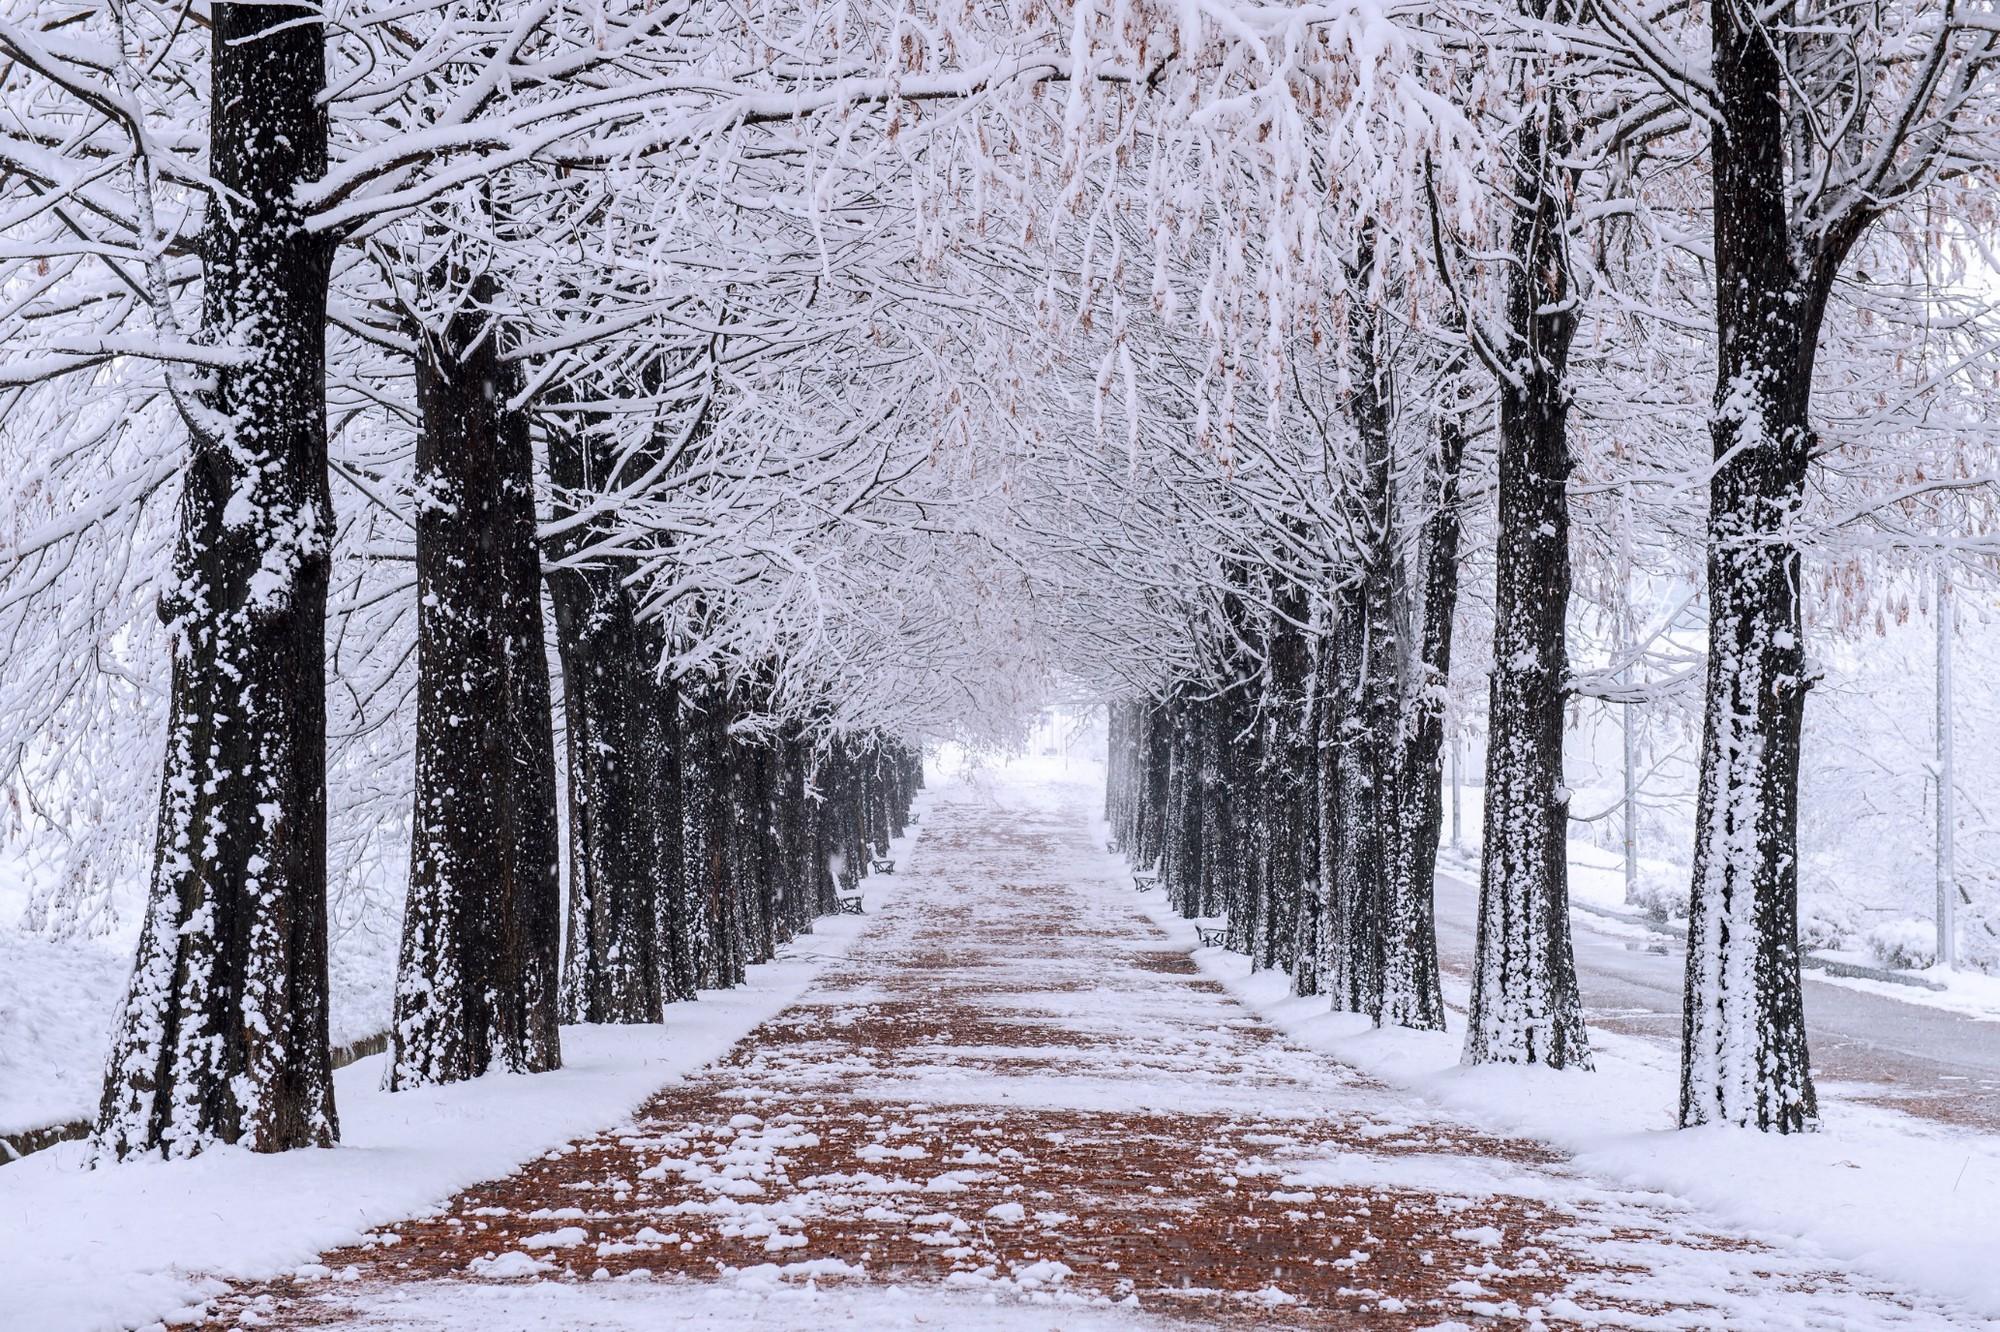 Lạc trong bản tình ca của mùa đông Hàn Quốc - Ảnh 1.